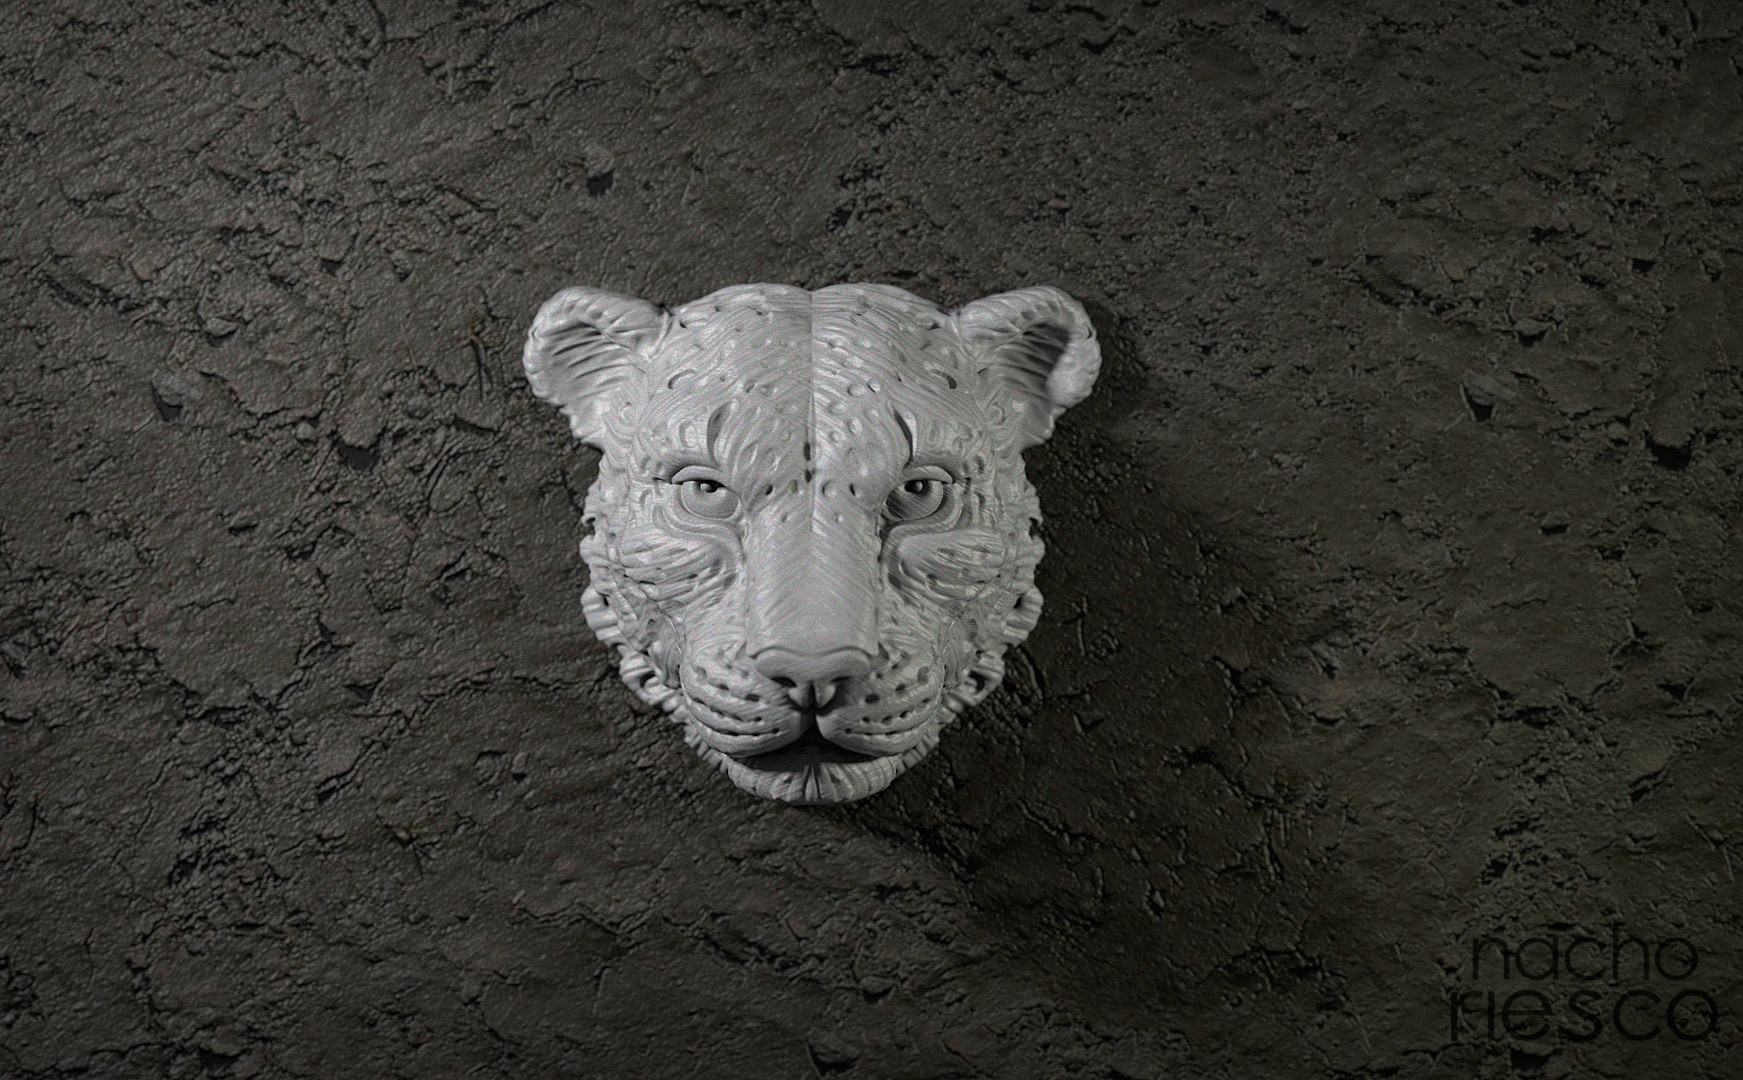 Nacho riesco gostanza leopardo 500k